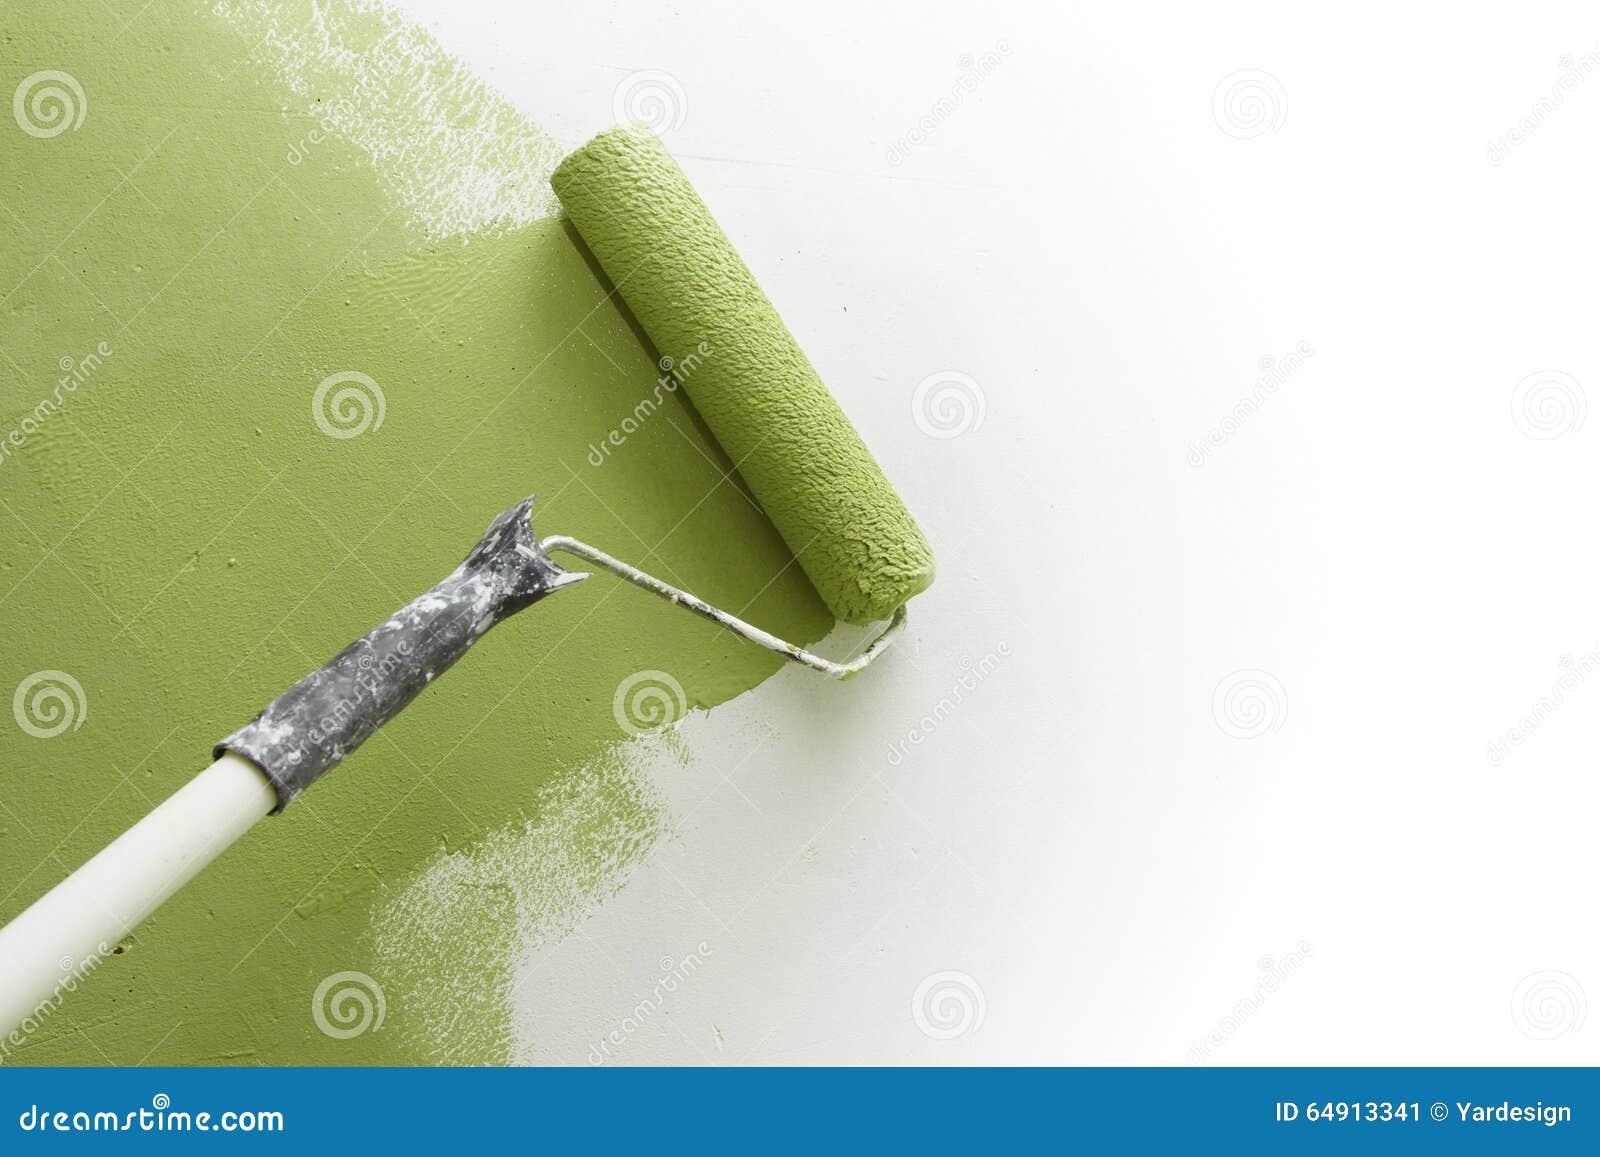 Κύλινδρος χρωμάτων που εφαρμόζει το χρώμα στον άσπρο τοίχο, εγχώριες βελτιώσεις